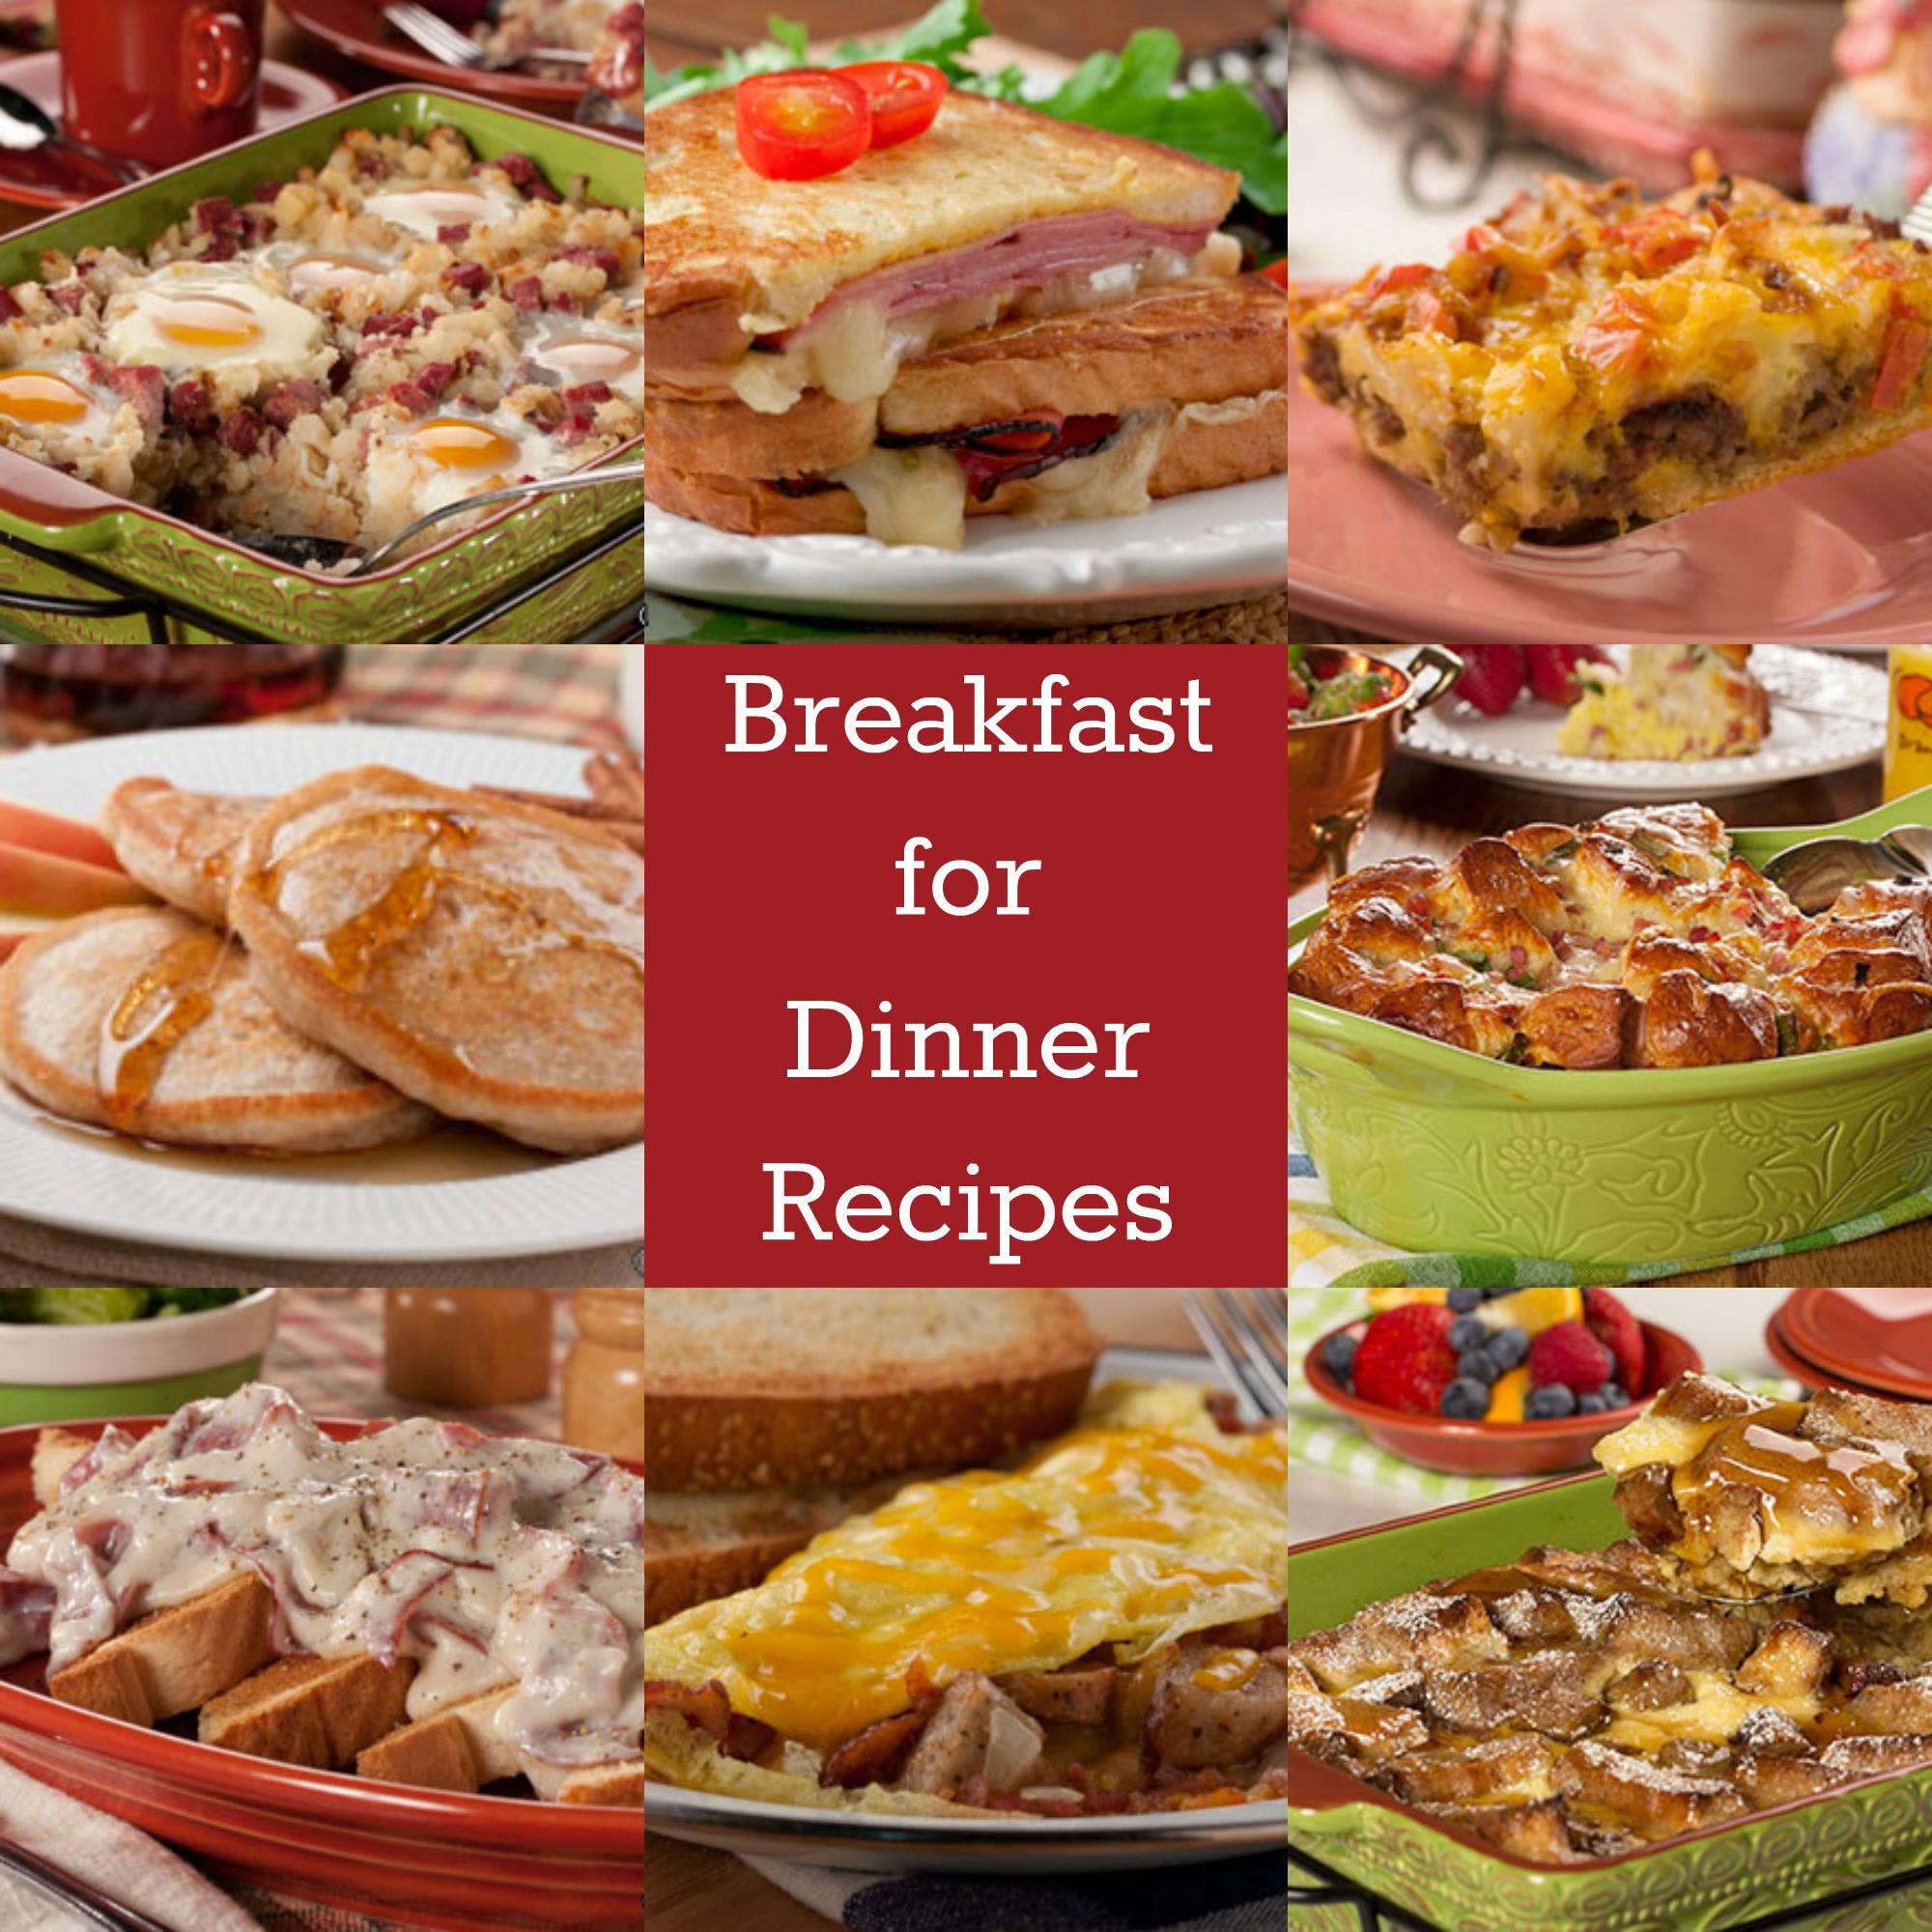 Breakfast For Dinner  Farmer s Skillet Breakfast & Other Breakfast for Dinner